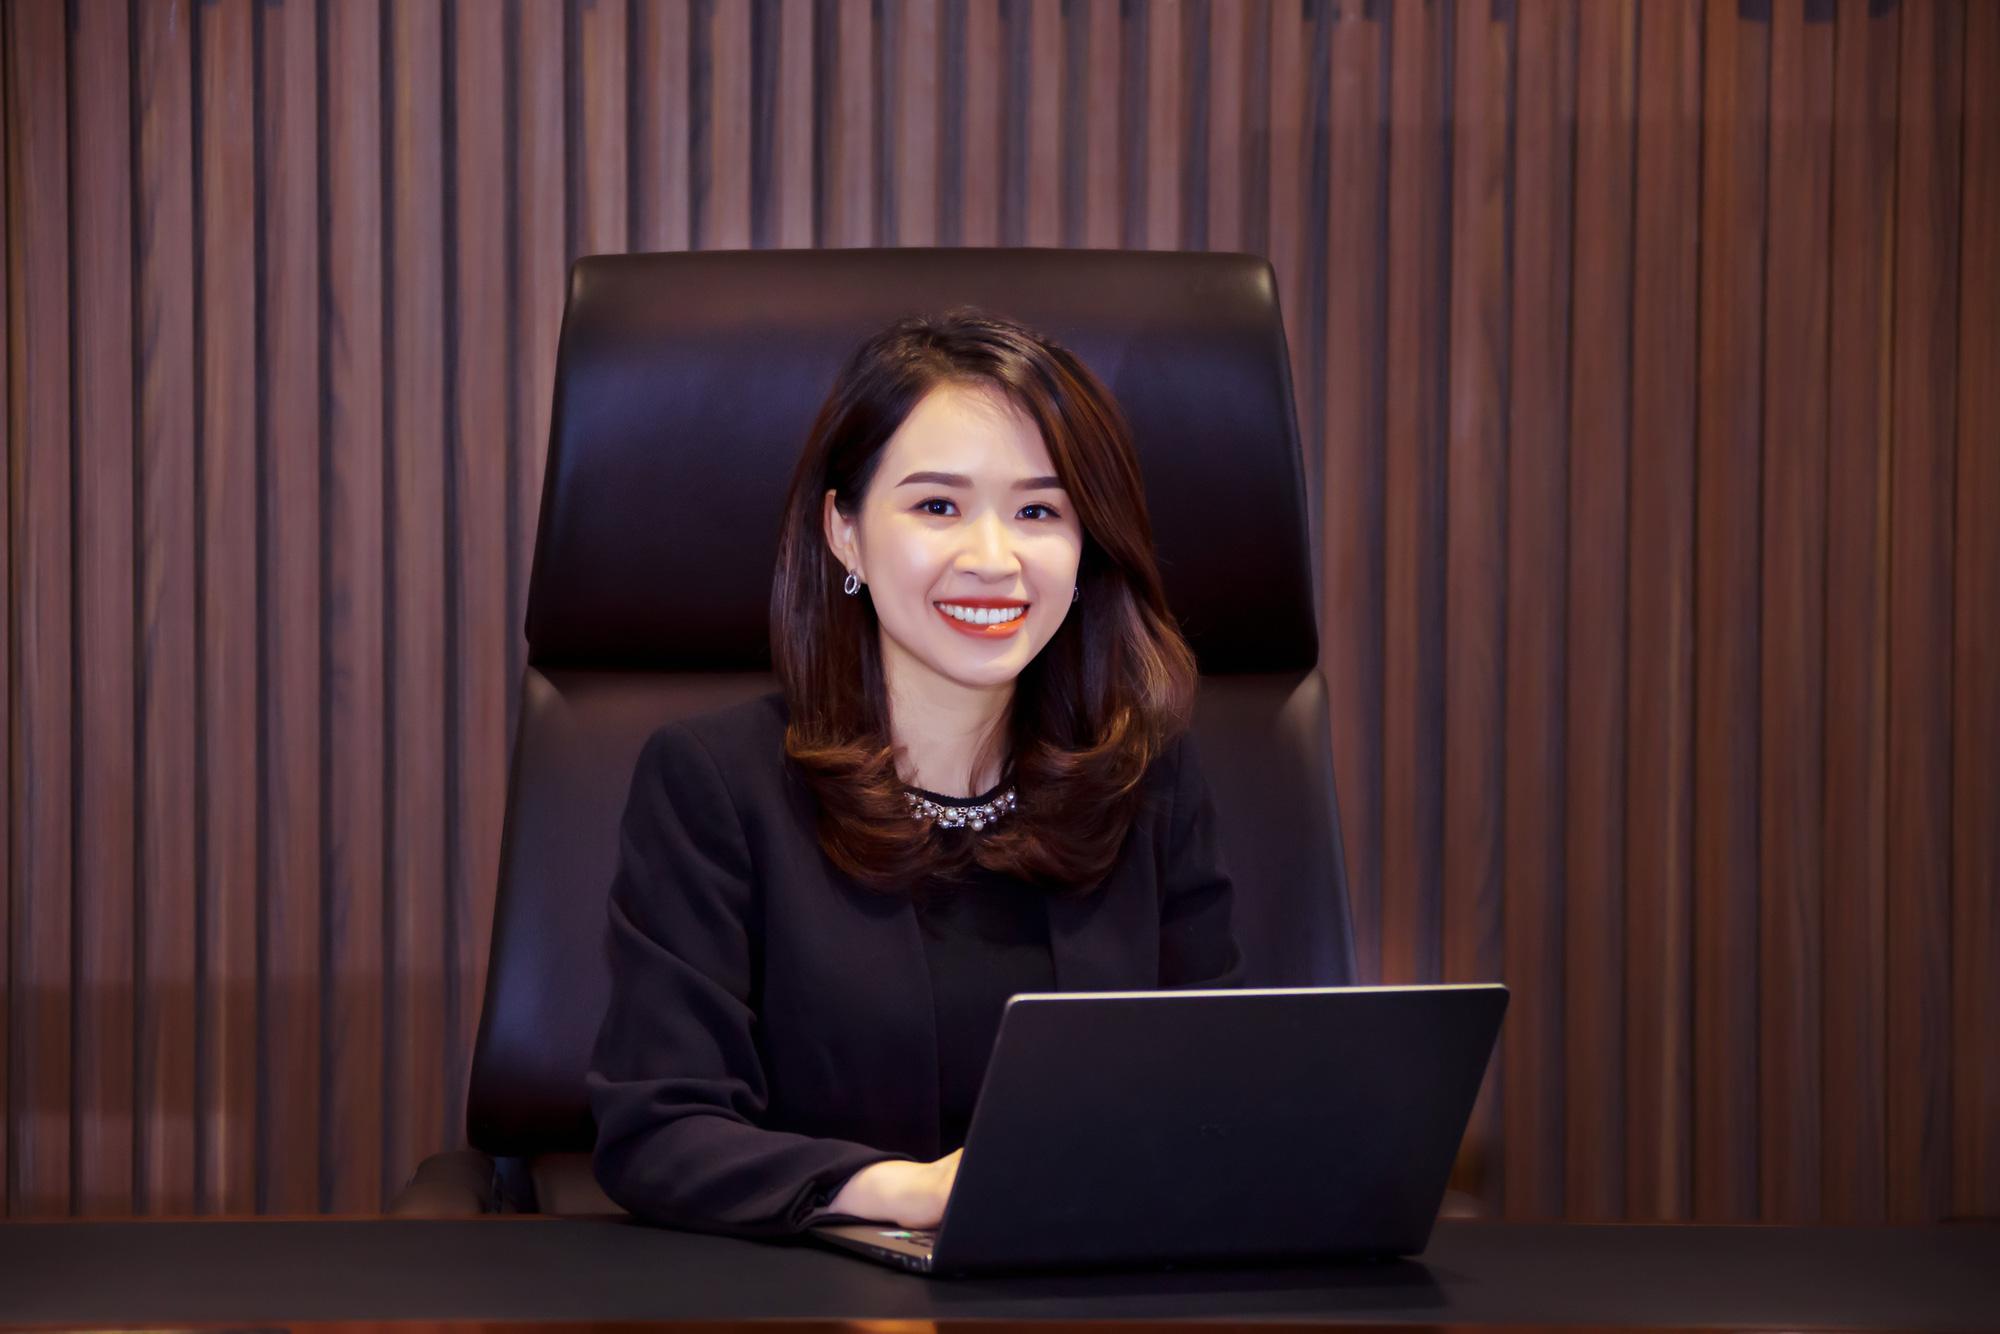 'Làn sóng' lãnh đạo 8x tại các ngân hàng Việt  - Ảnh 3.